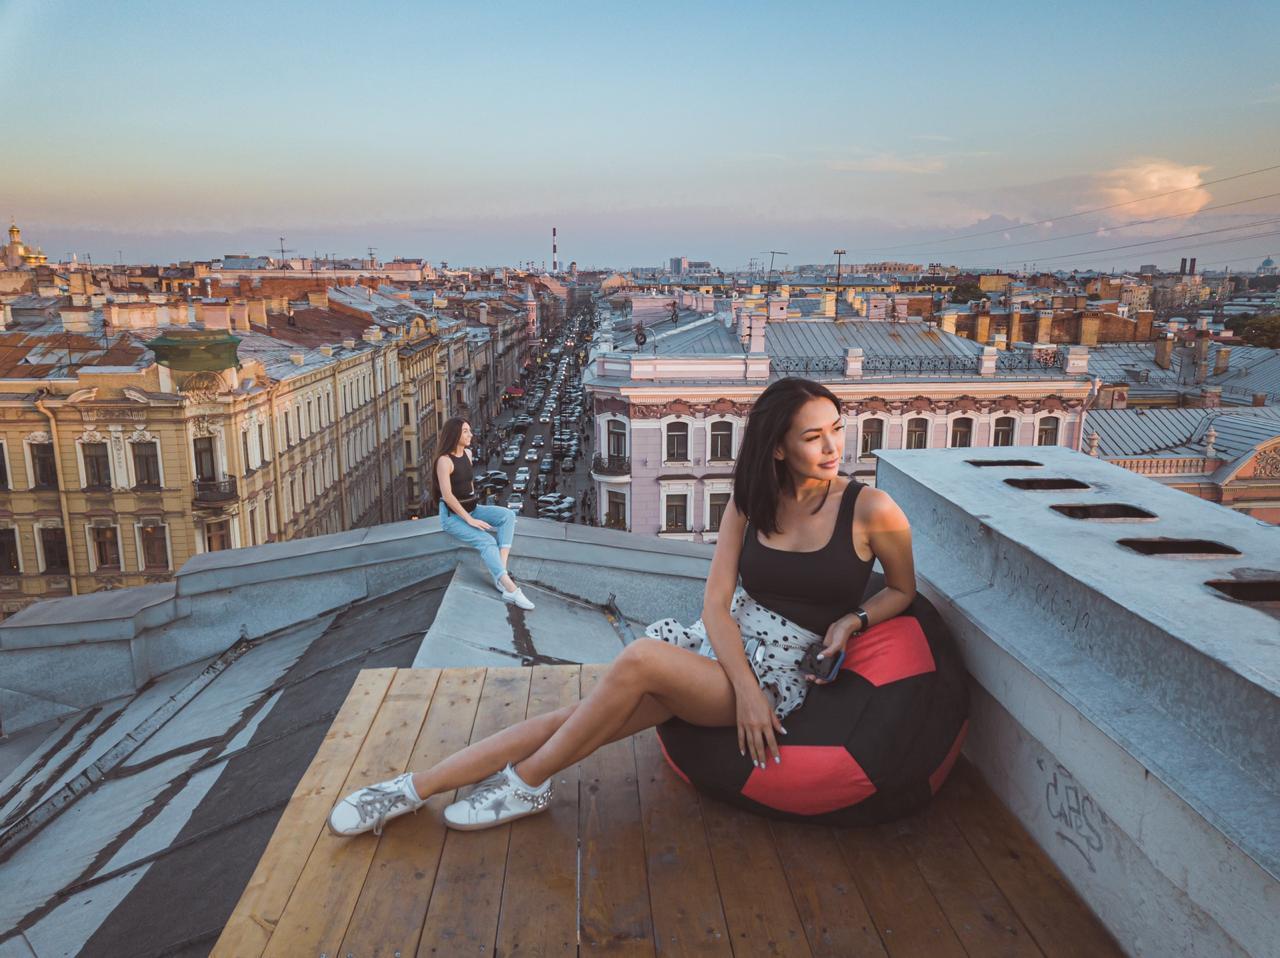 Профессиональная фотосессия в питере на крыше